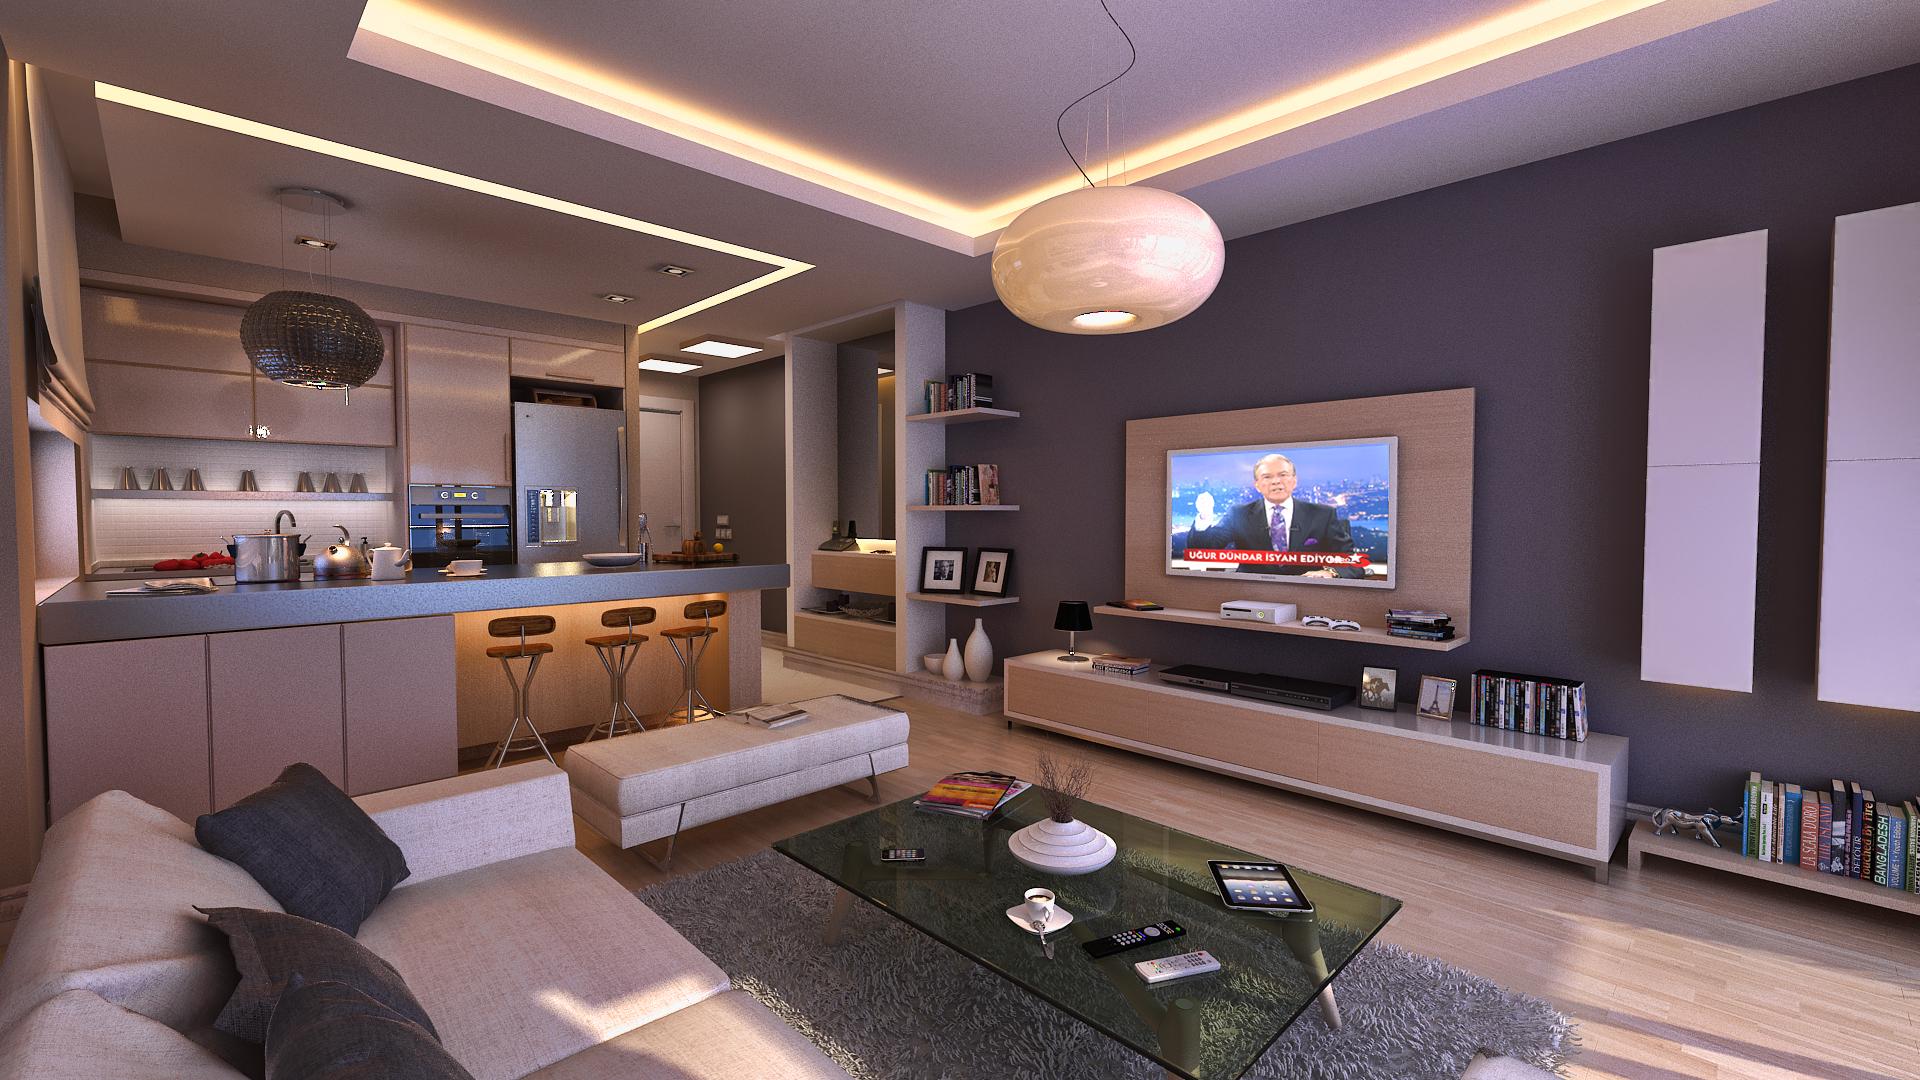 Телевизор в интерьере большой кухни-гостиной